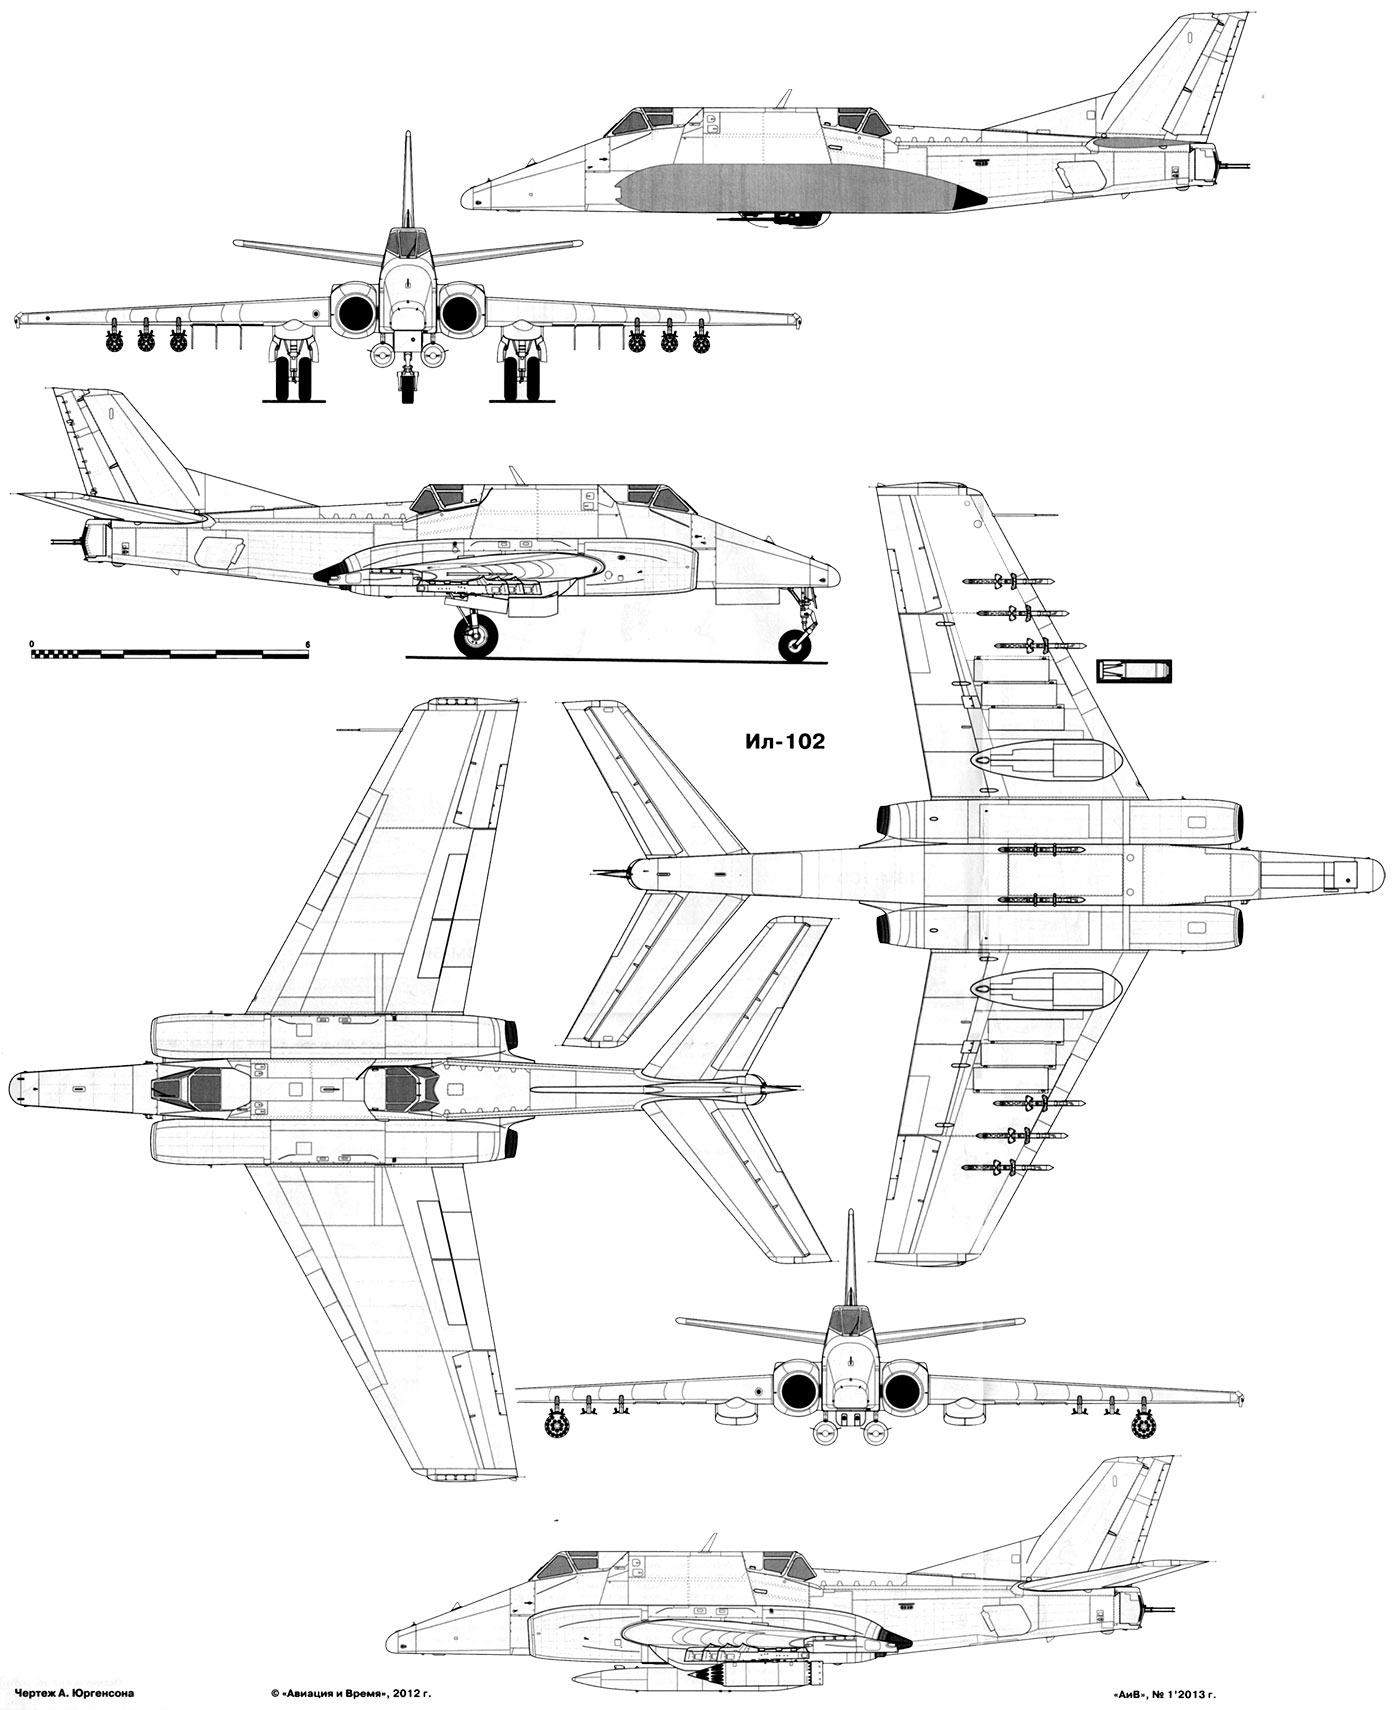 Чертеж реактивного штурмовика Ил-102.